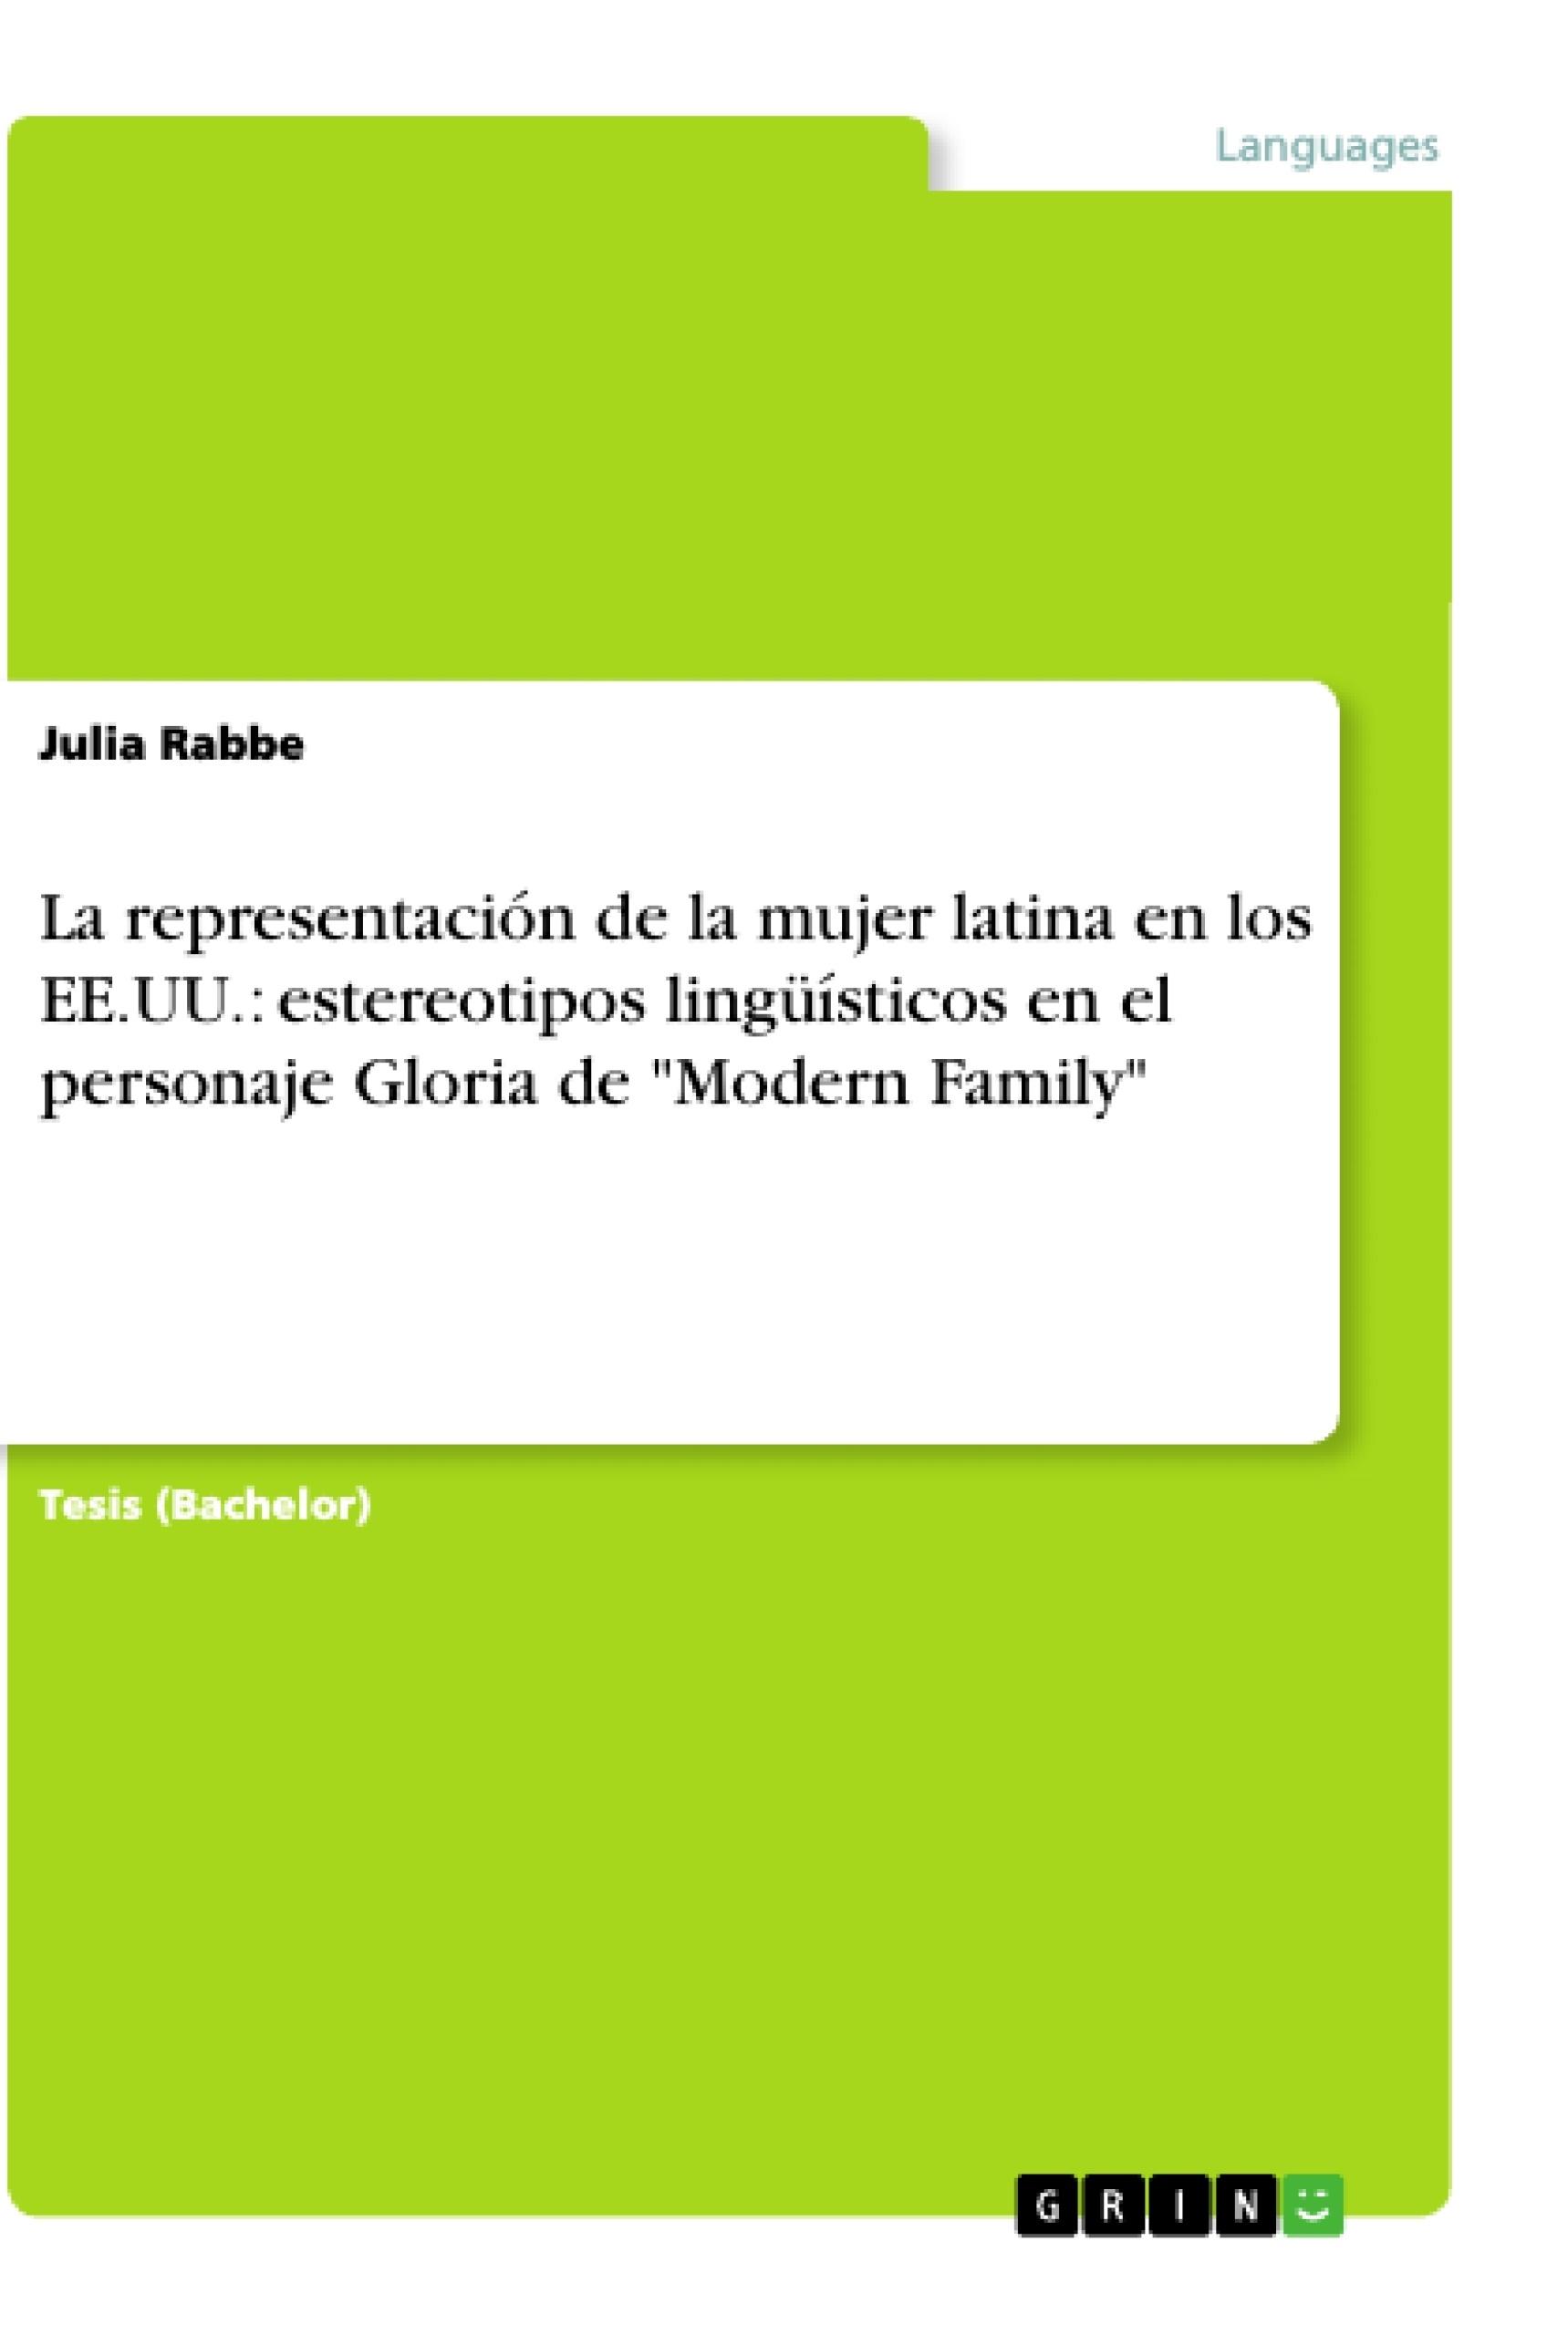 """Título: La representación de la mujer latina en los EE.UU.: estereotipos lingüísticos en el personaje Gloria de """"Modern Family"""""""